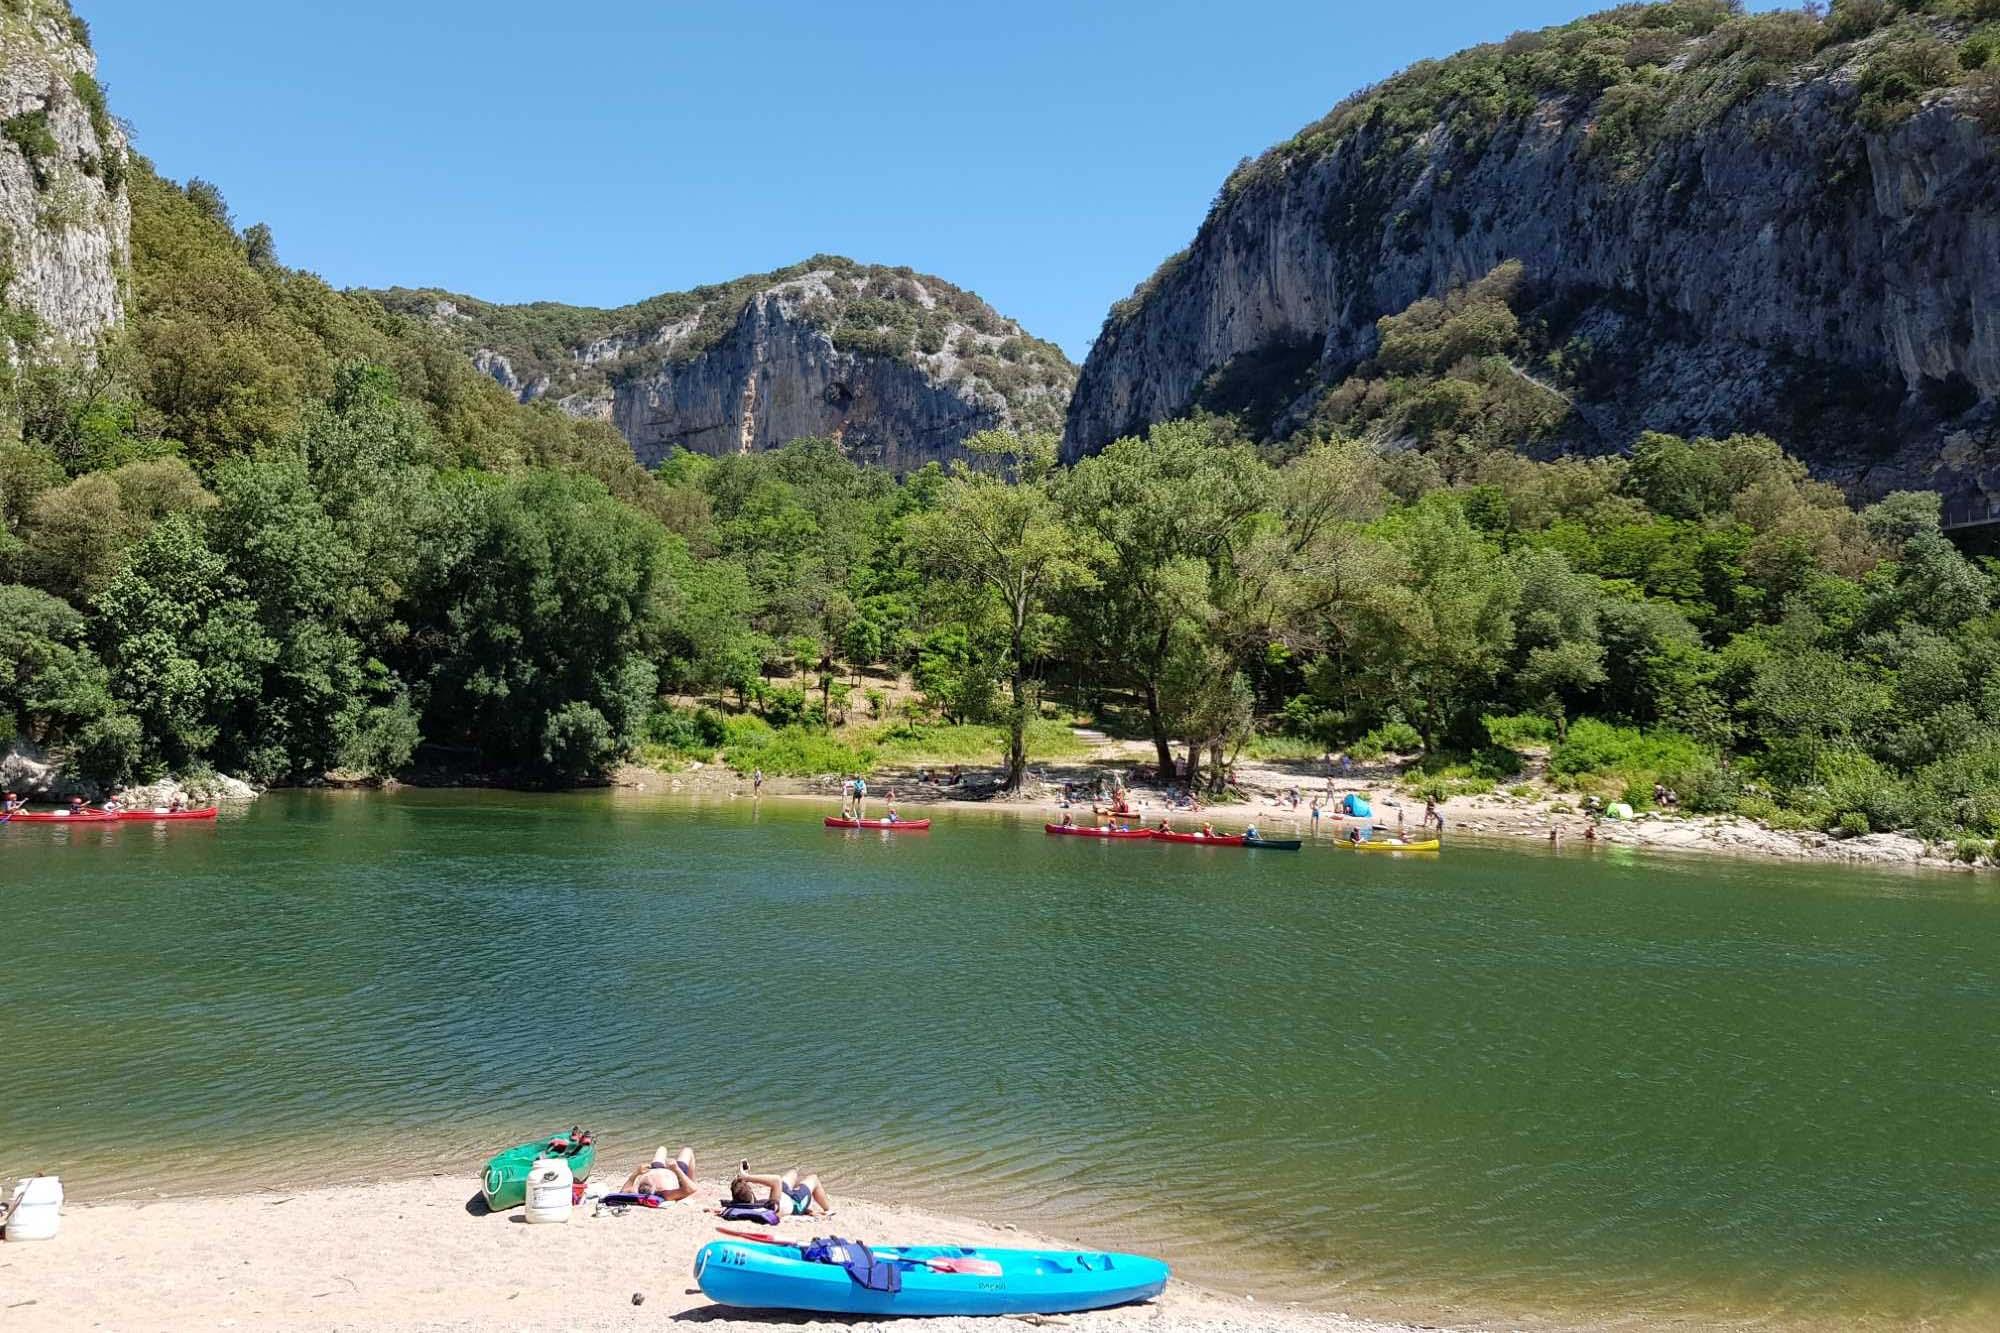 domaine sevenier camping decouvert vallons pont arc 1 - Aux Alentours en Ardèche